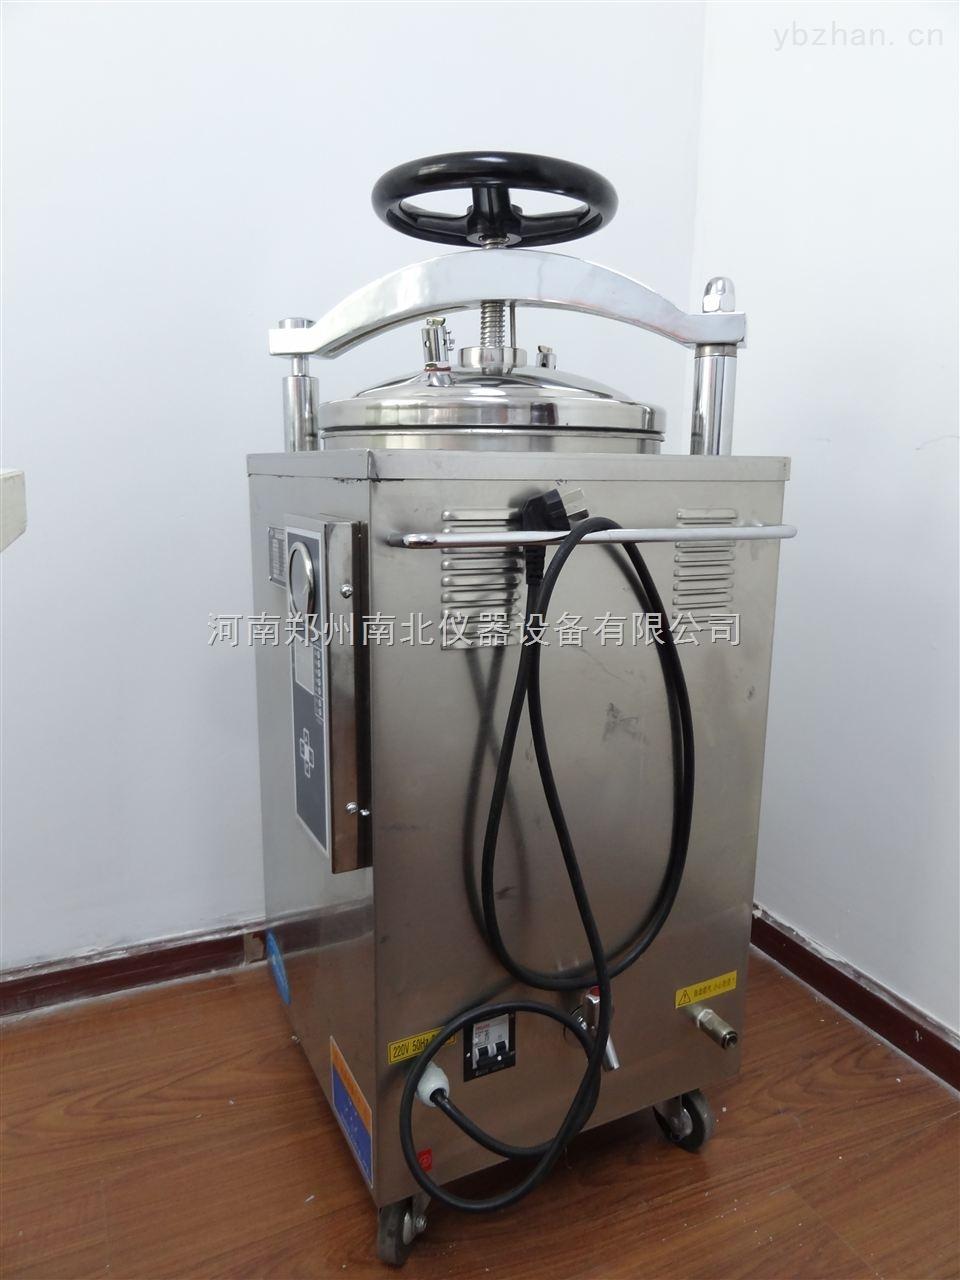 真空蒸汽灭菌器,真空蒸汽灭菌器厂家